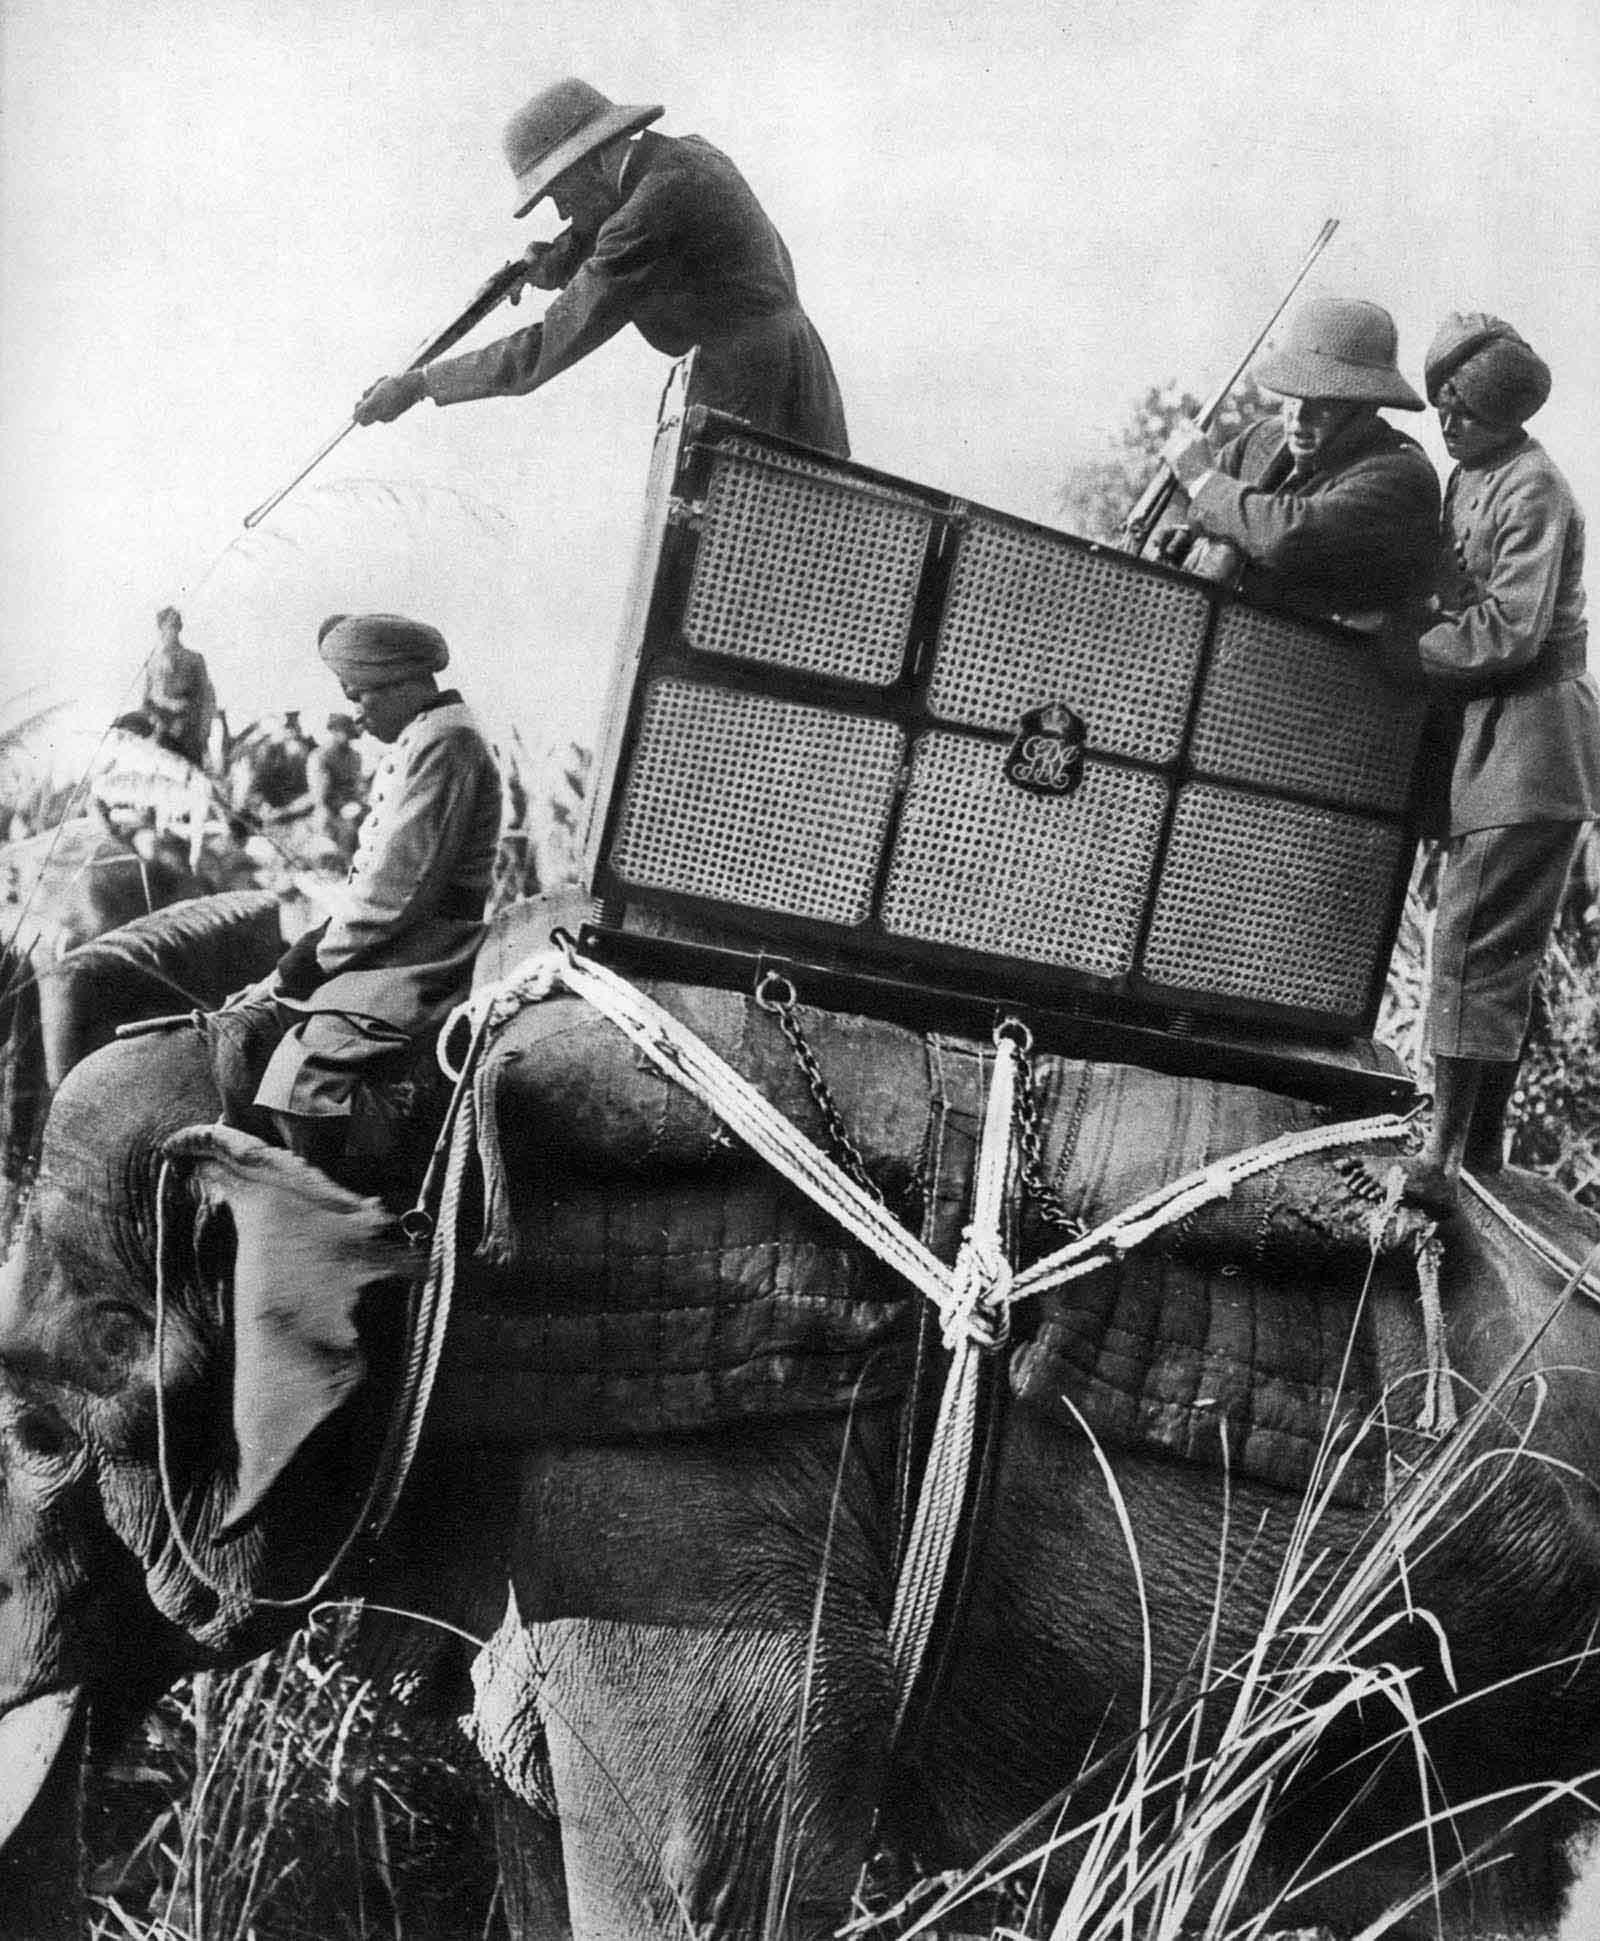 Em 1911 a realeza britânica foi à Índia para ser coroada e aproveitou para caçar 18